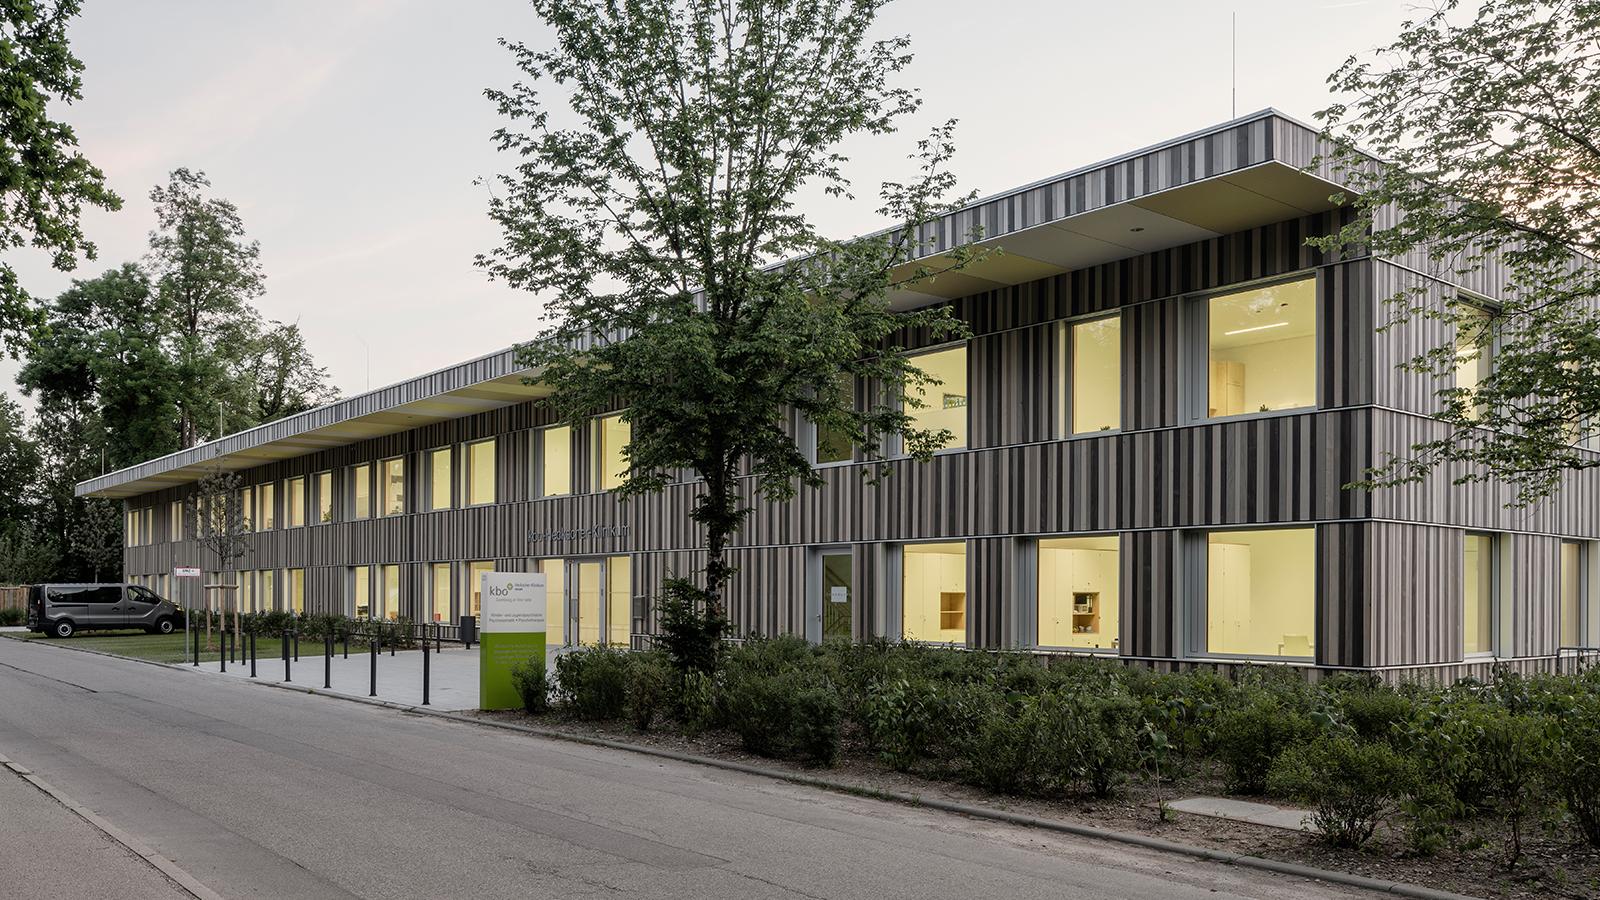 h2m-architekten-kinder-und-jugendpsychiatrie-strassenansicht-aufmacher-abend